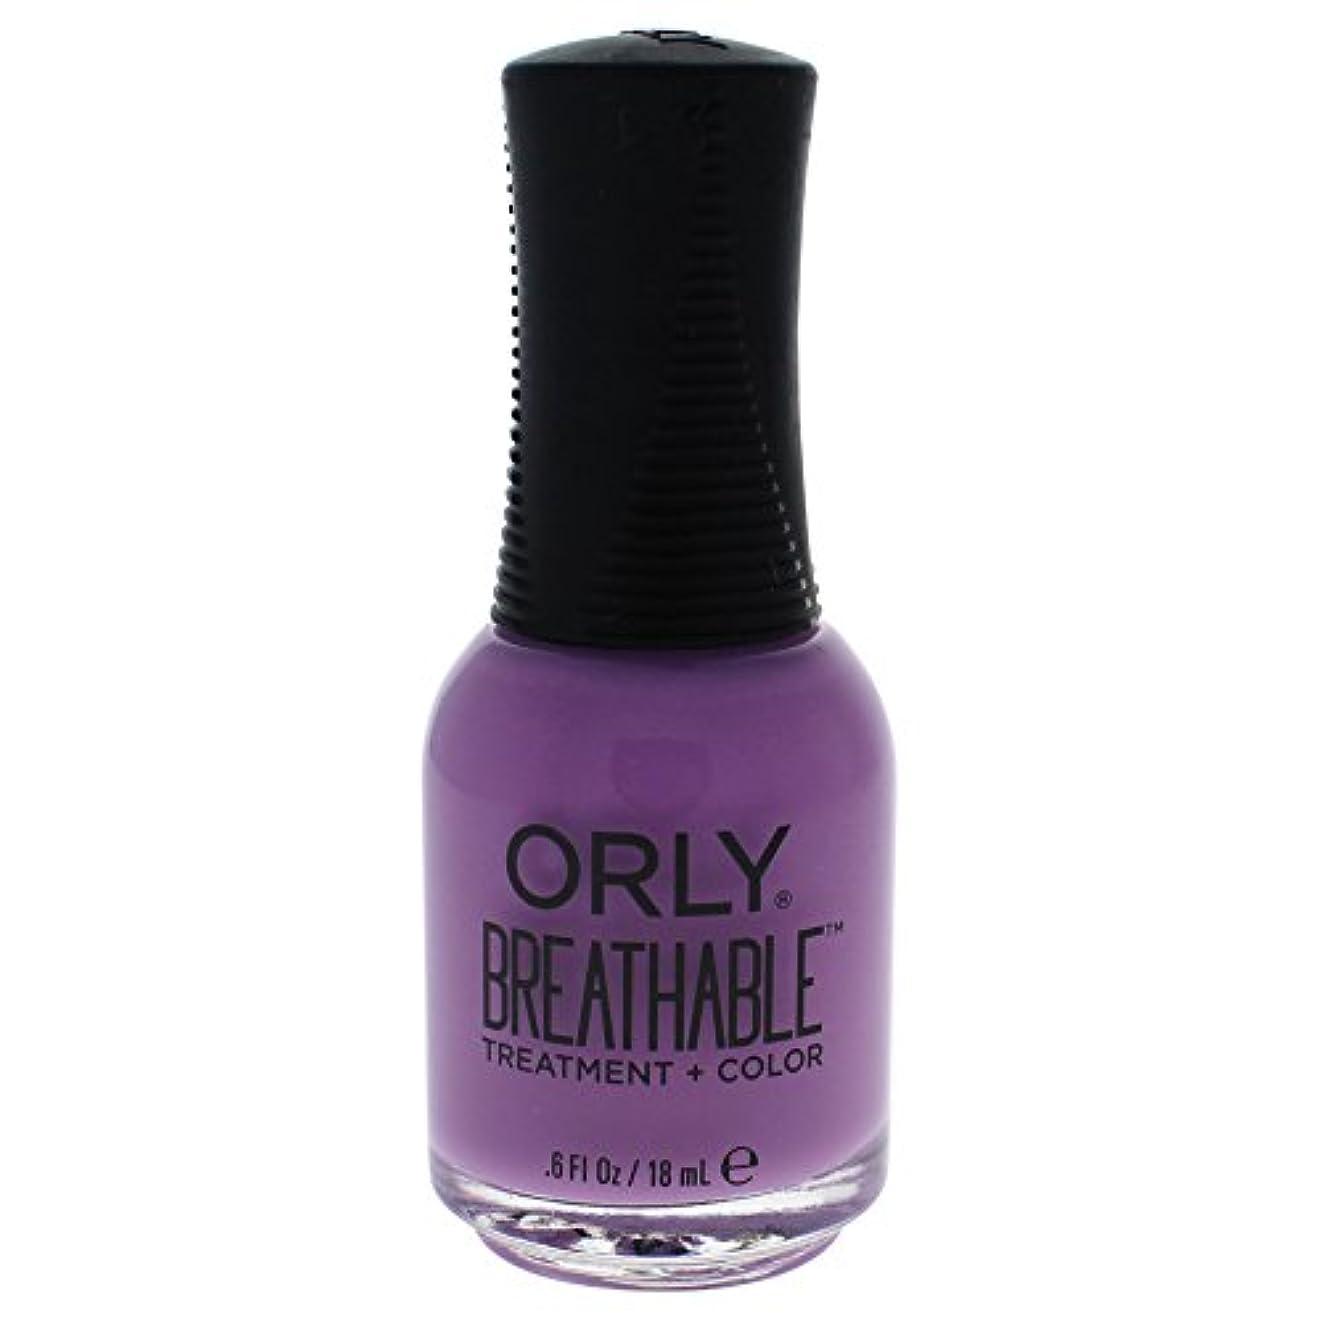 忌避剤接ぎ木愚かOrly Breathable Treatment + Color Nail Lacquer - TLC - 0.6oz / 18ml